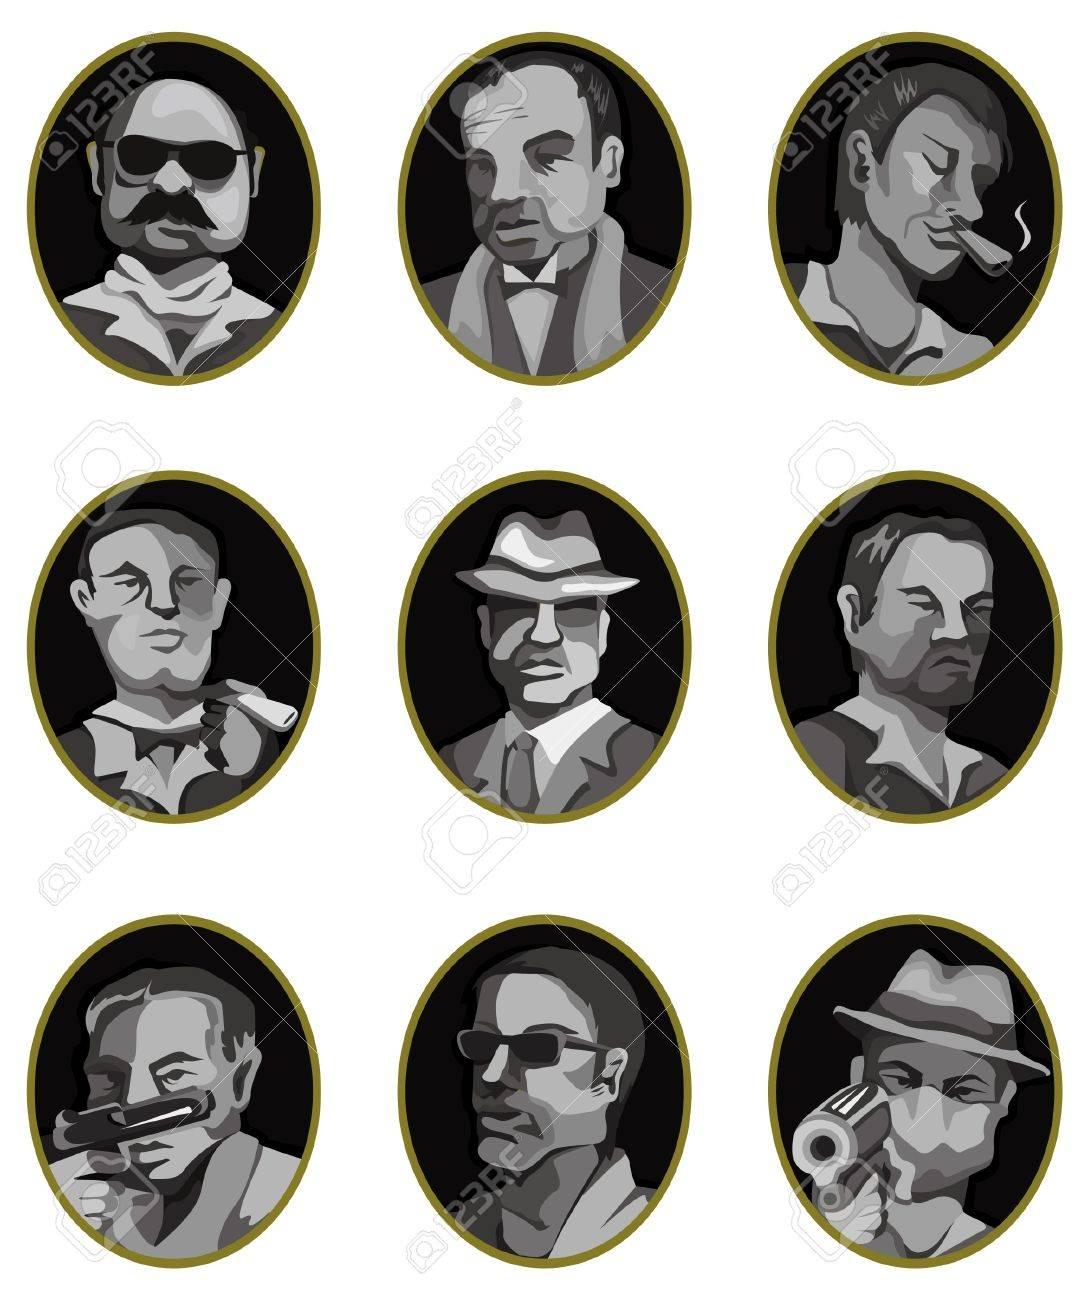 cartoon mafia icon set,label button Stock Vector - 10317426